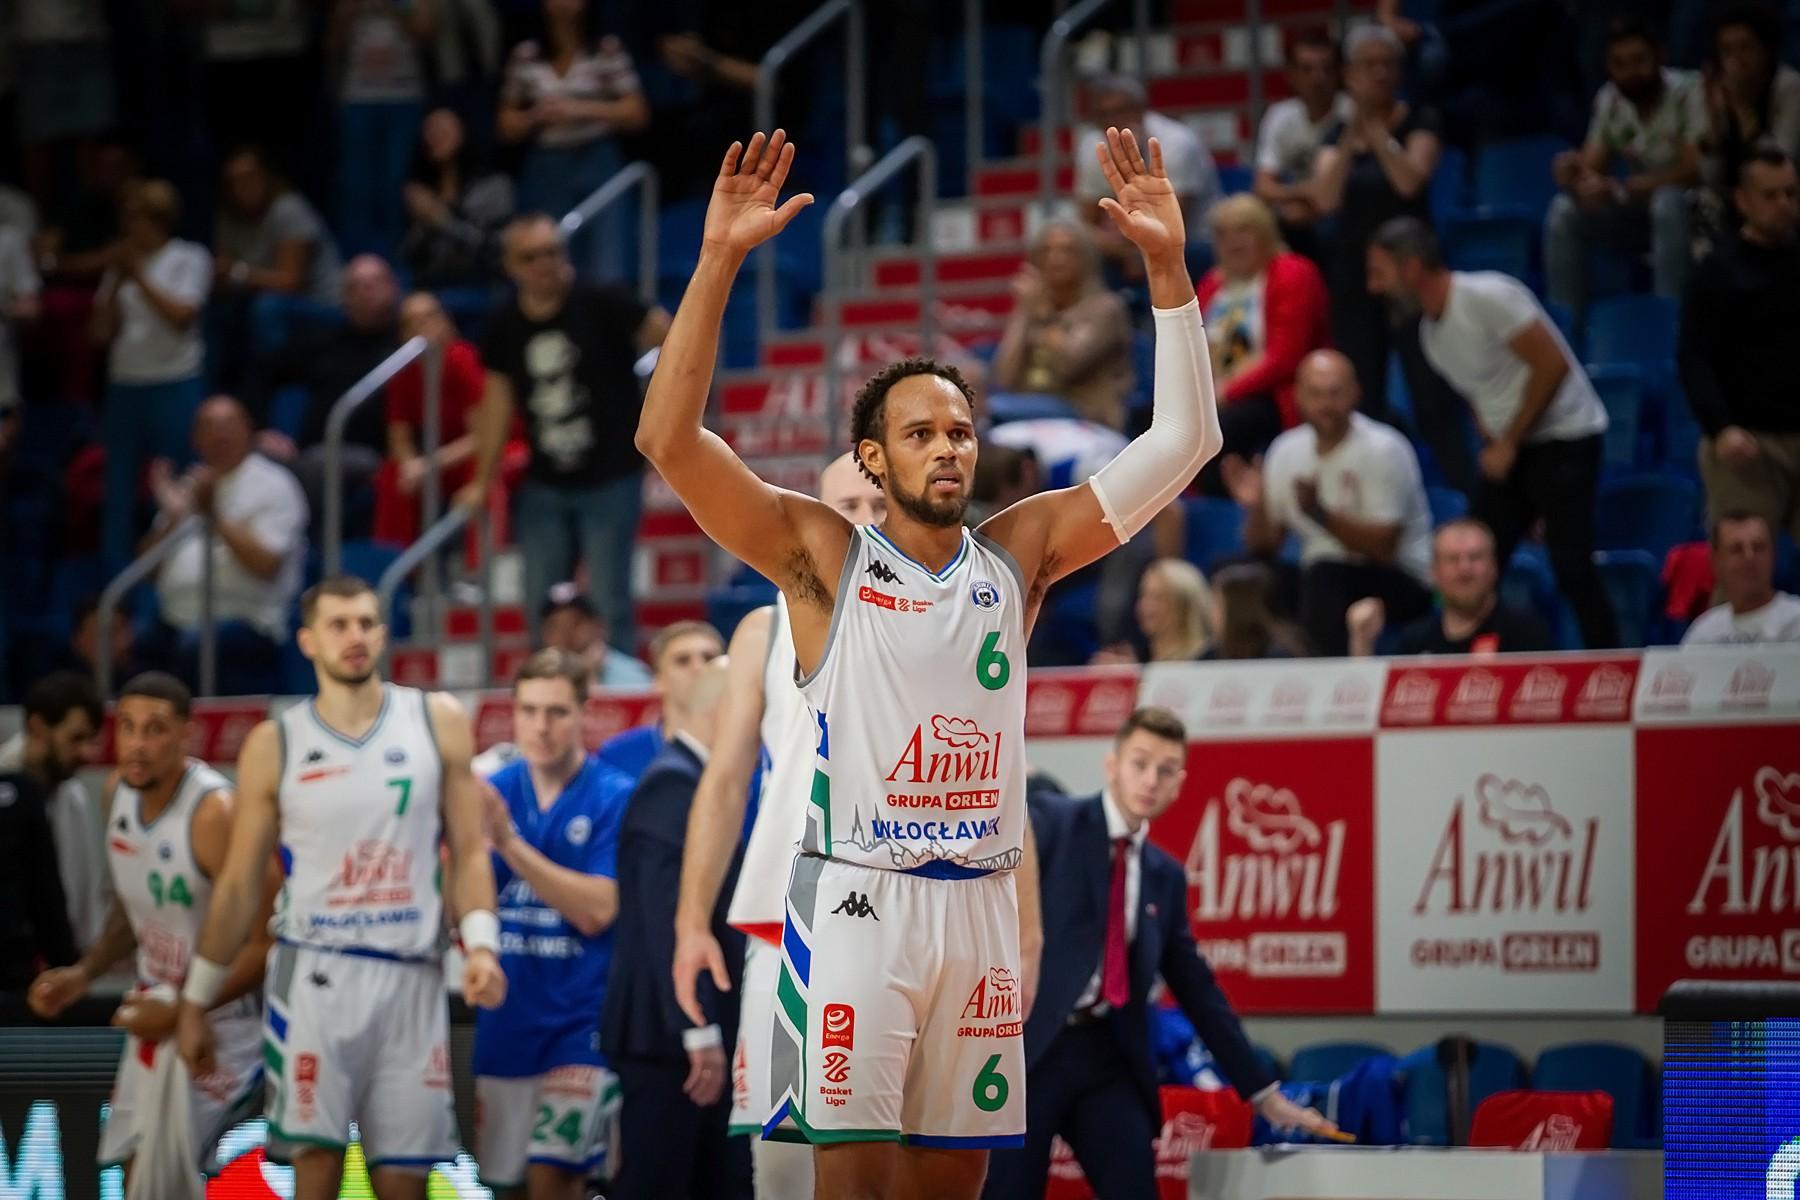 Ivan Almeida wraca do składu